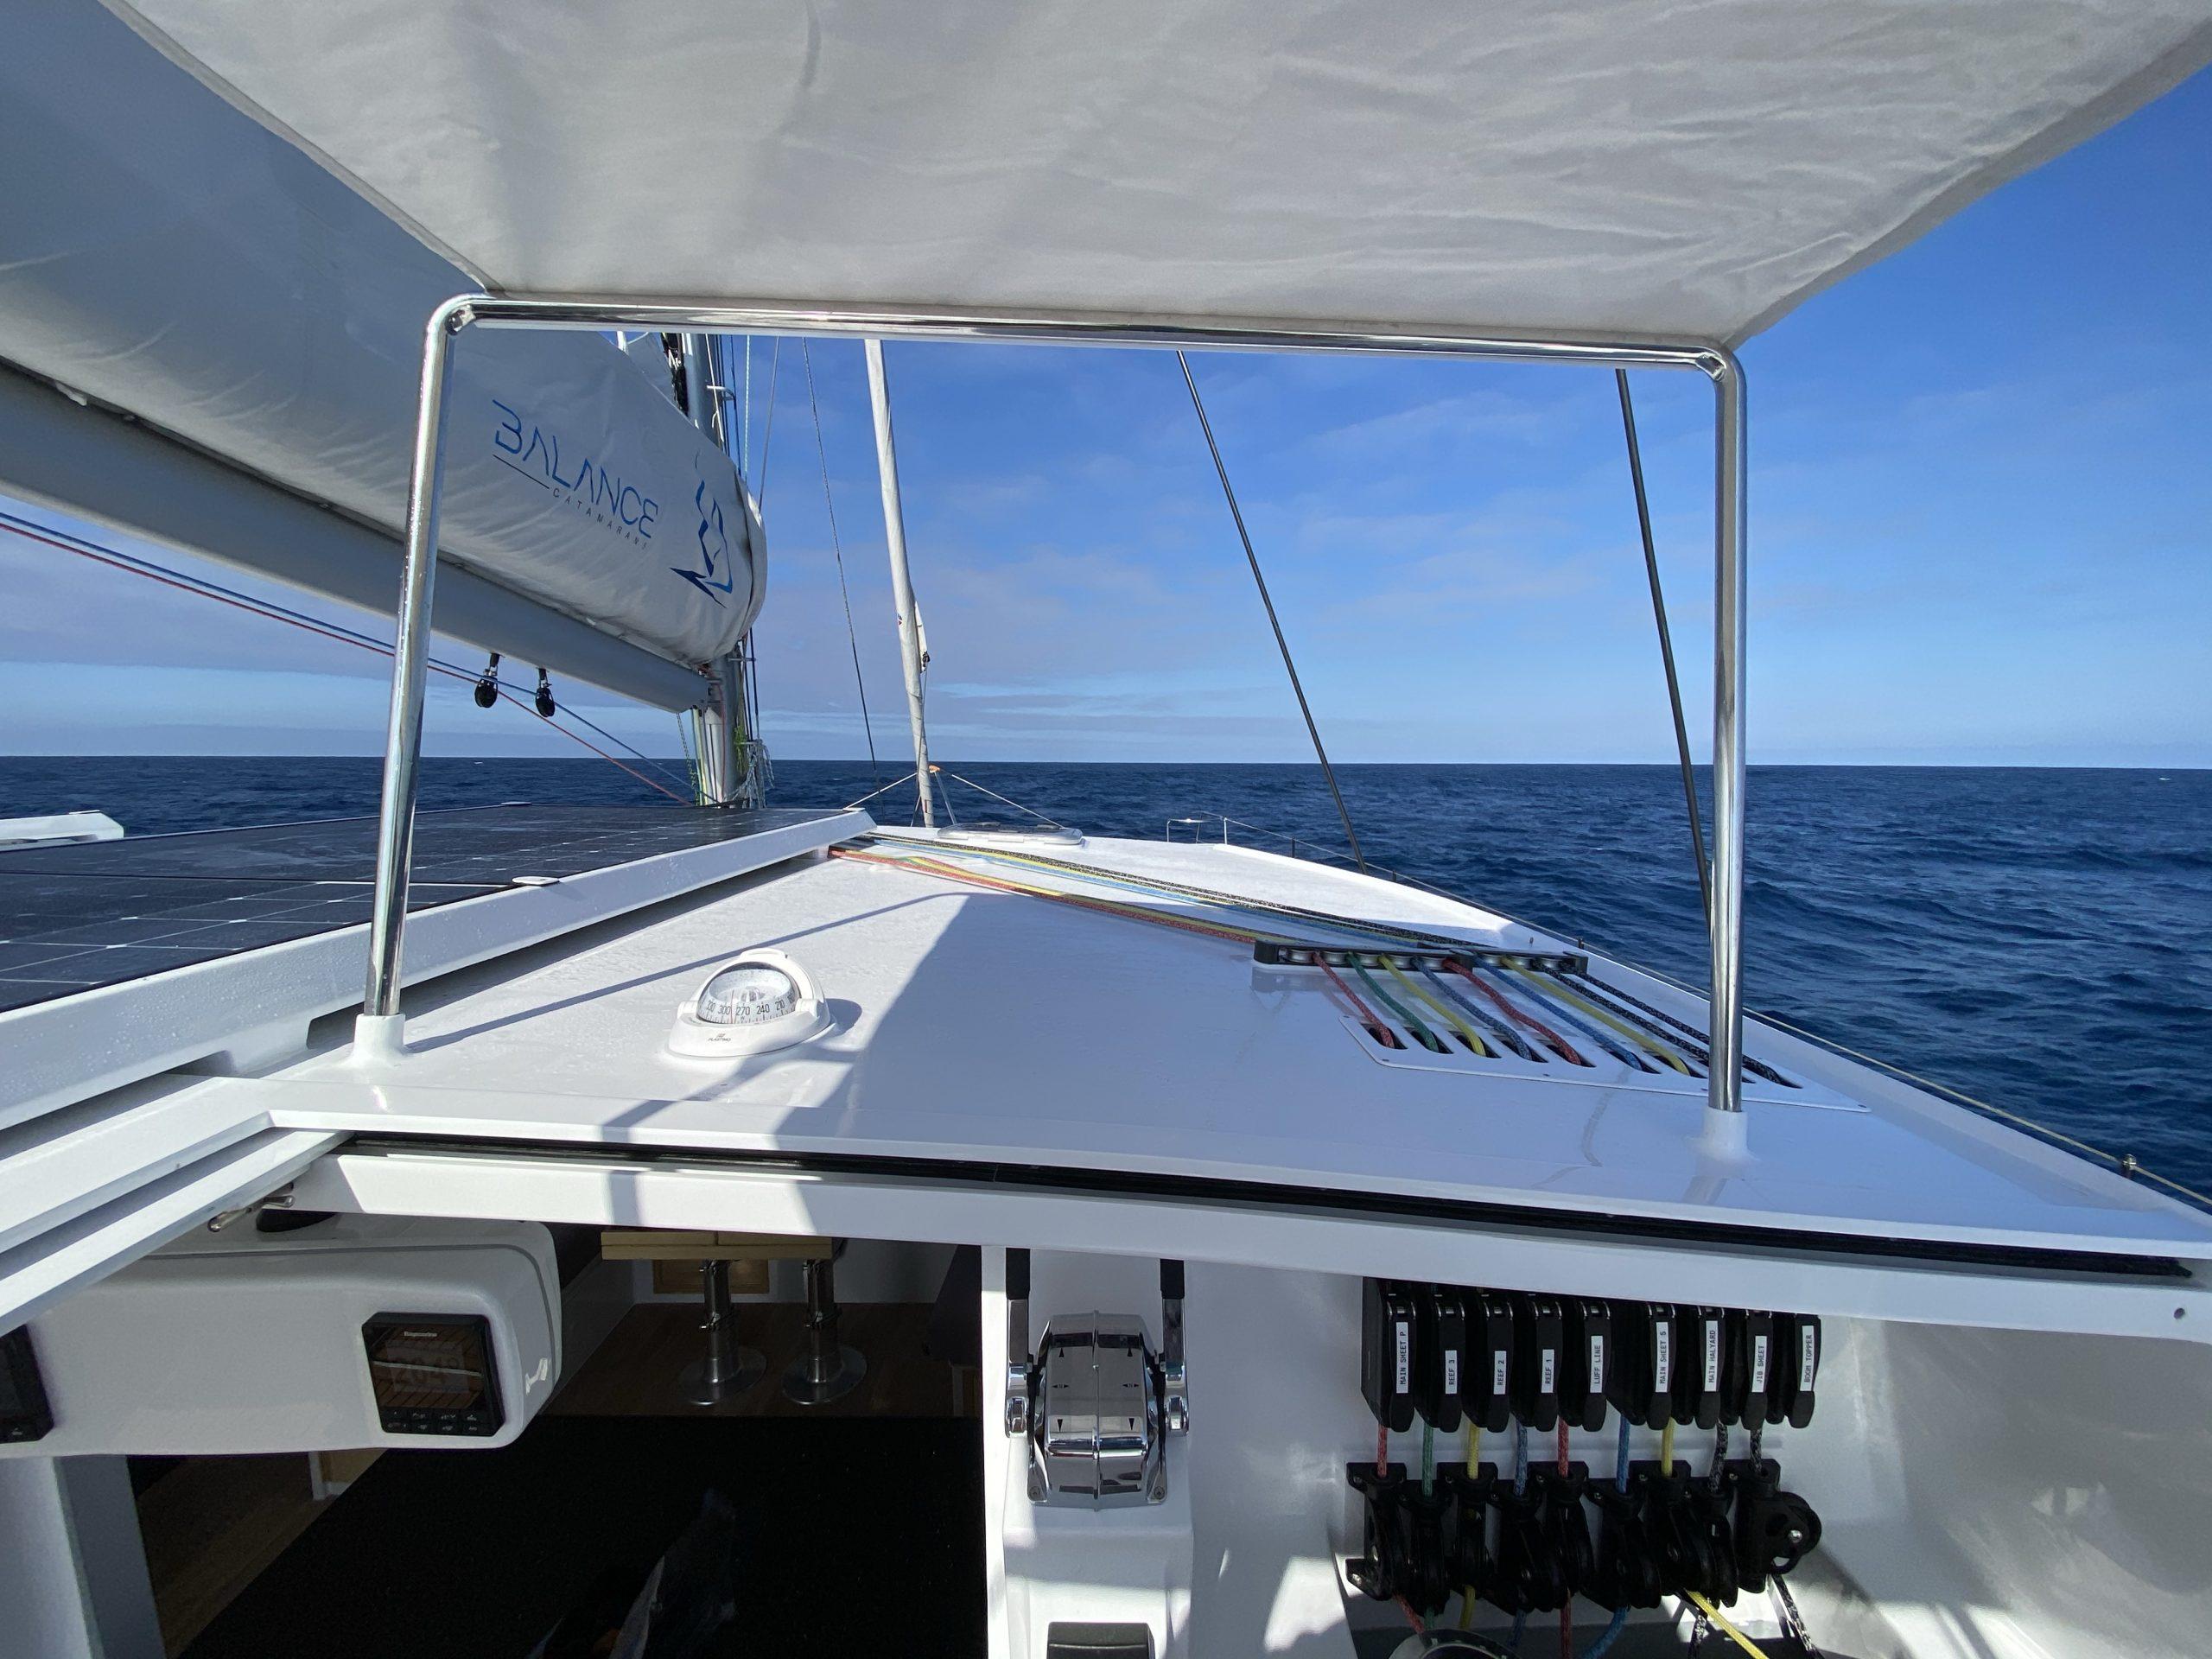 Vingilótë's Single-handled Sailing Setup